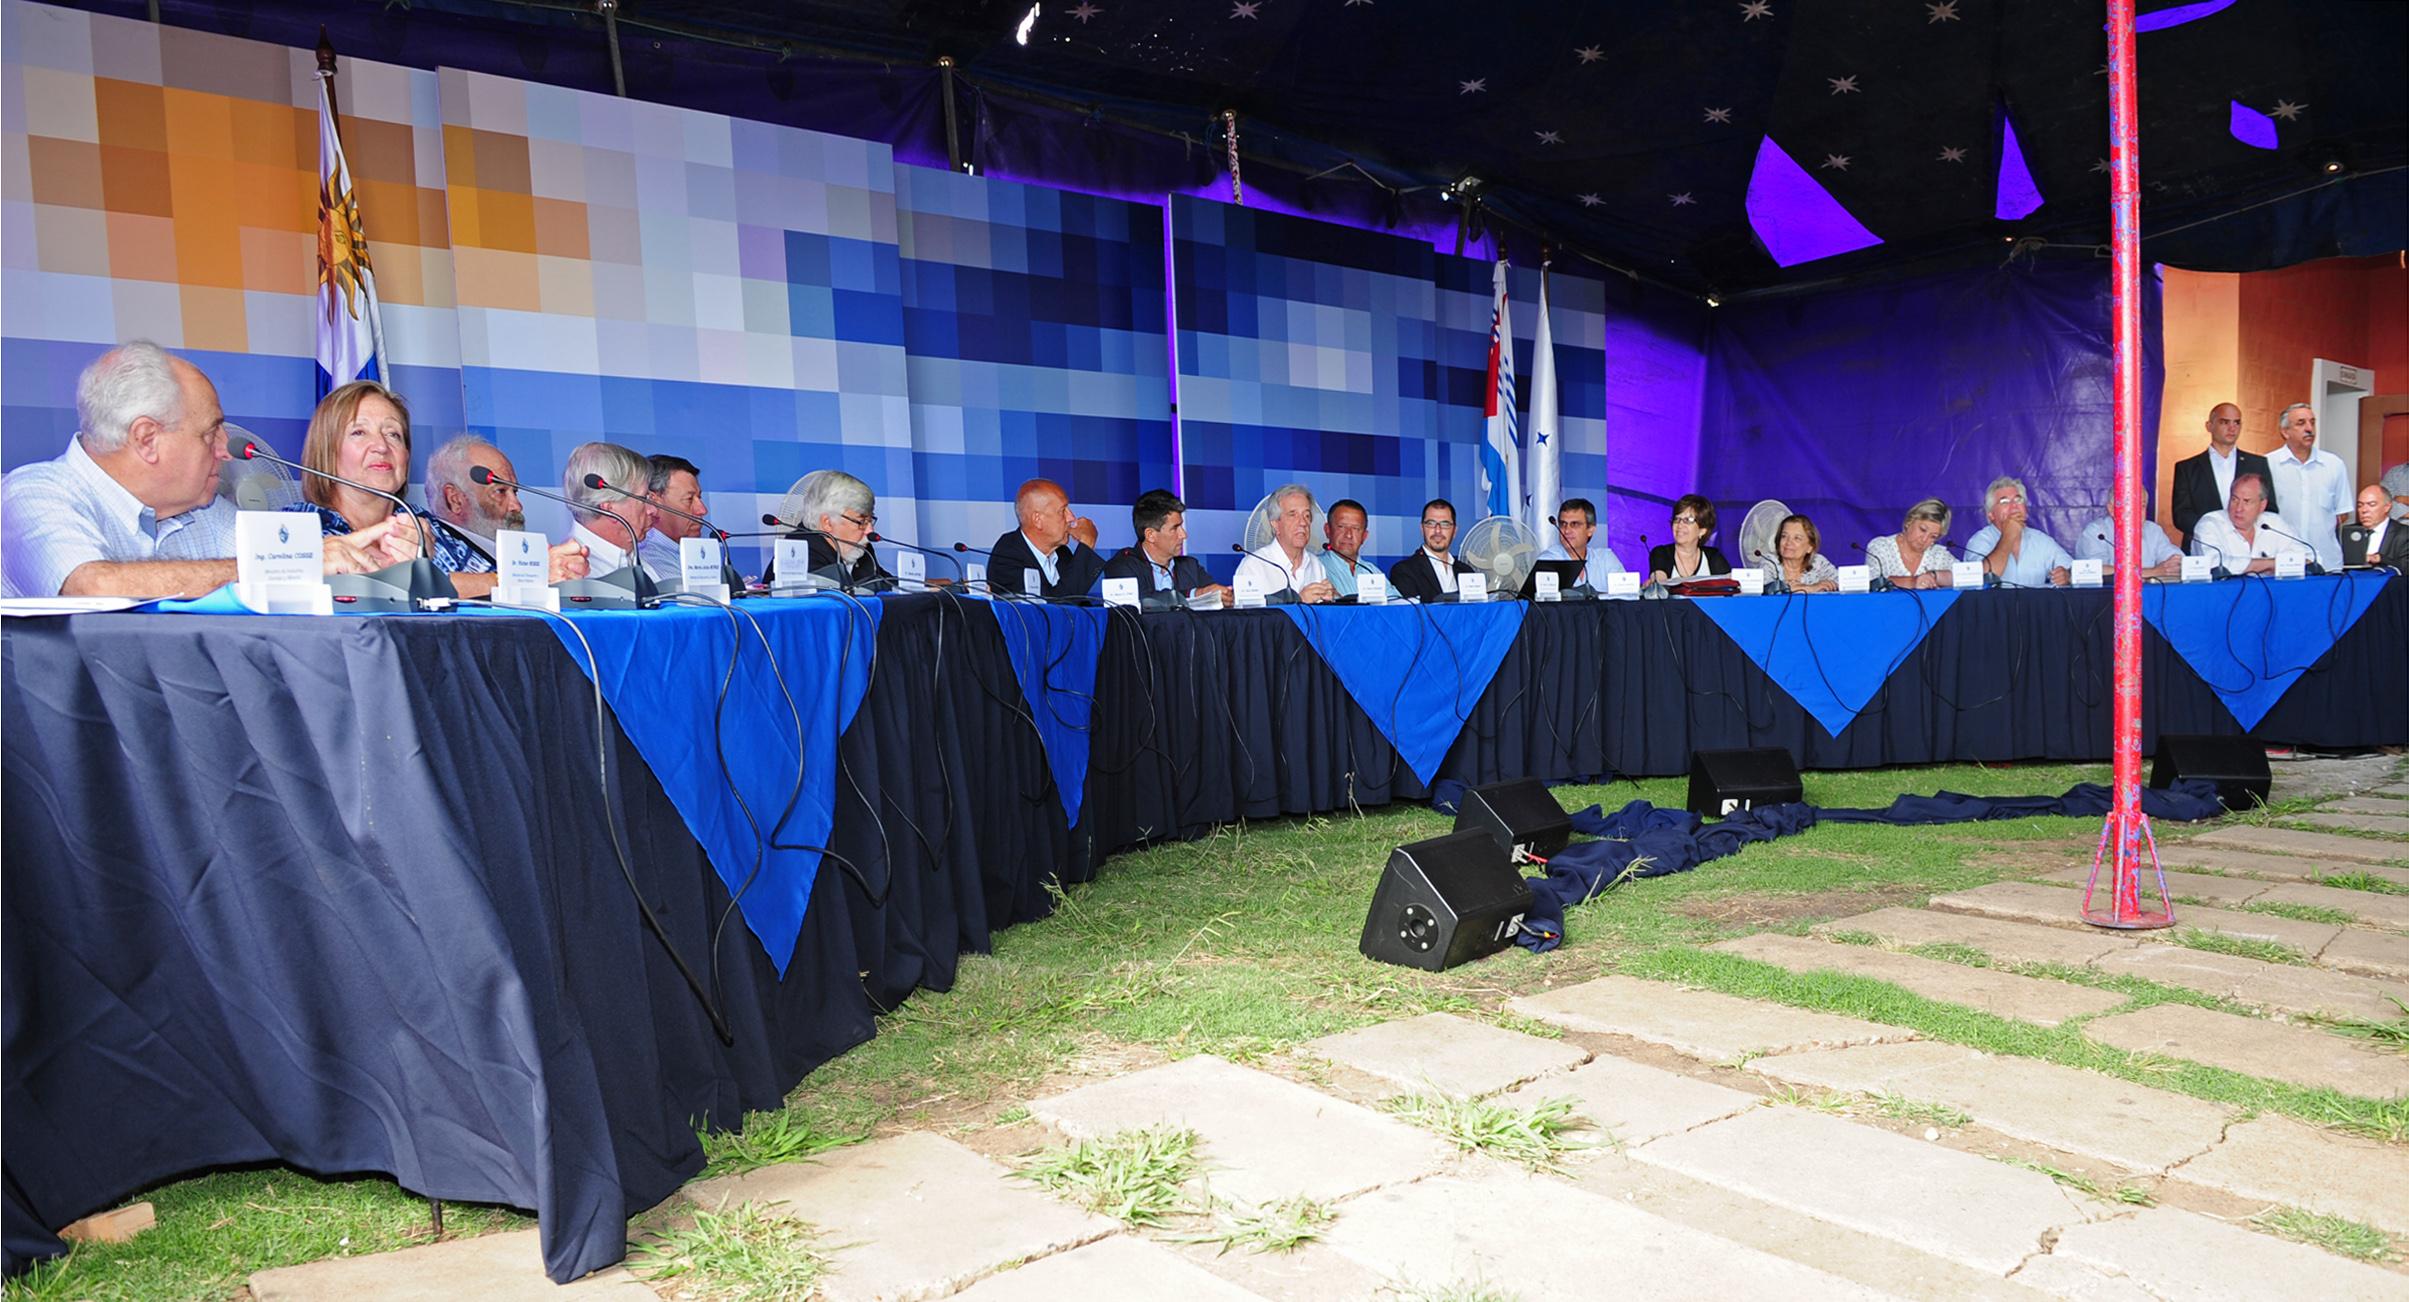 Vázquez y sus ministros sesionarán en Piedras Coloradas - Montevideo Portal (press release) (registration) (blog)